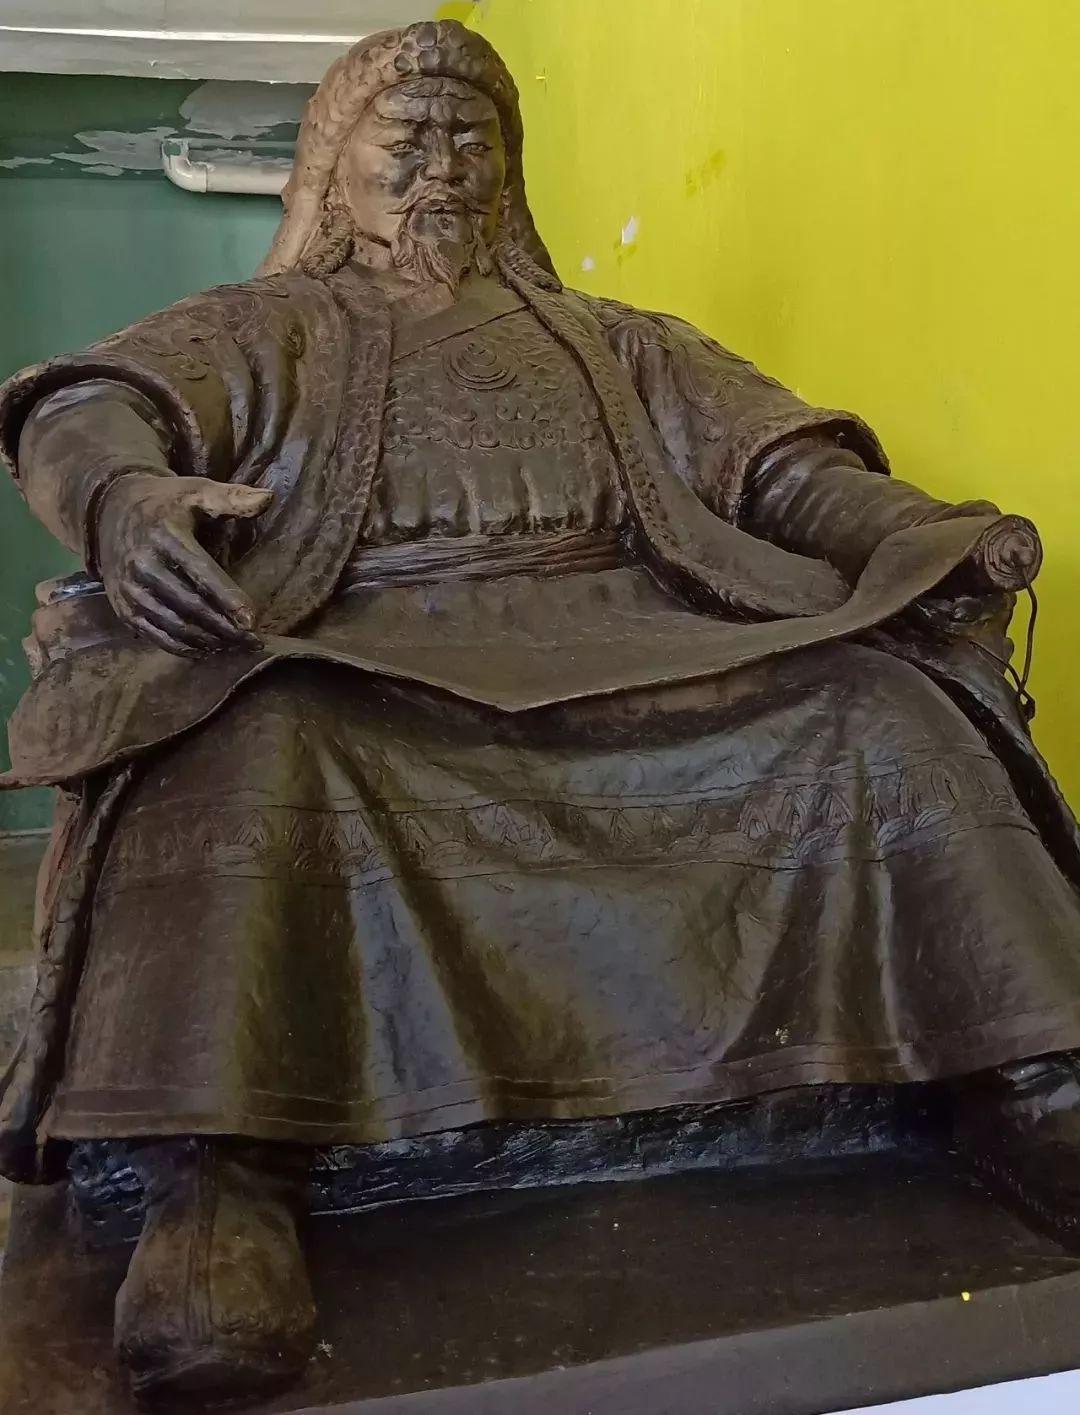 【头条】蒙古族小伙用雕塑艺术创作出个性作品 第4张 【头条】蒙古族小伙用雕塑艺术创作出个性作品 蒙古画廊